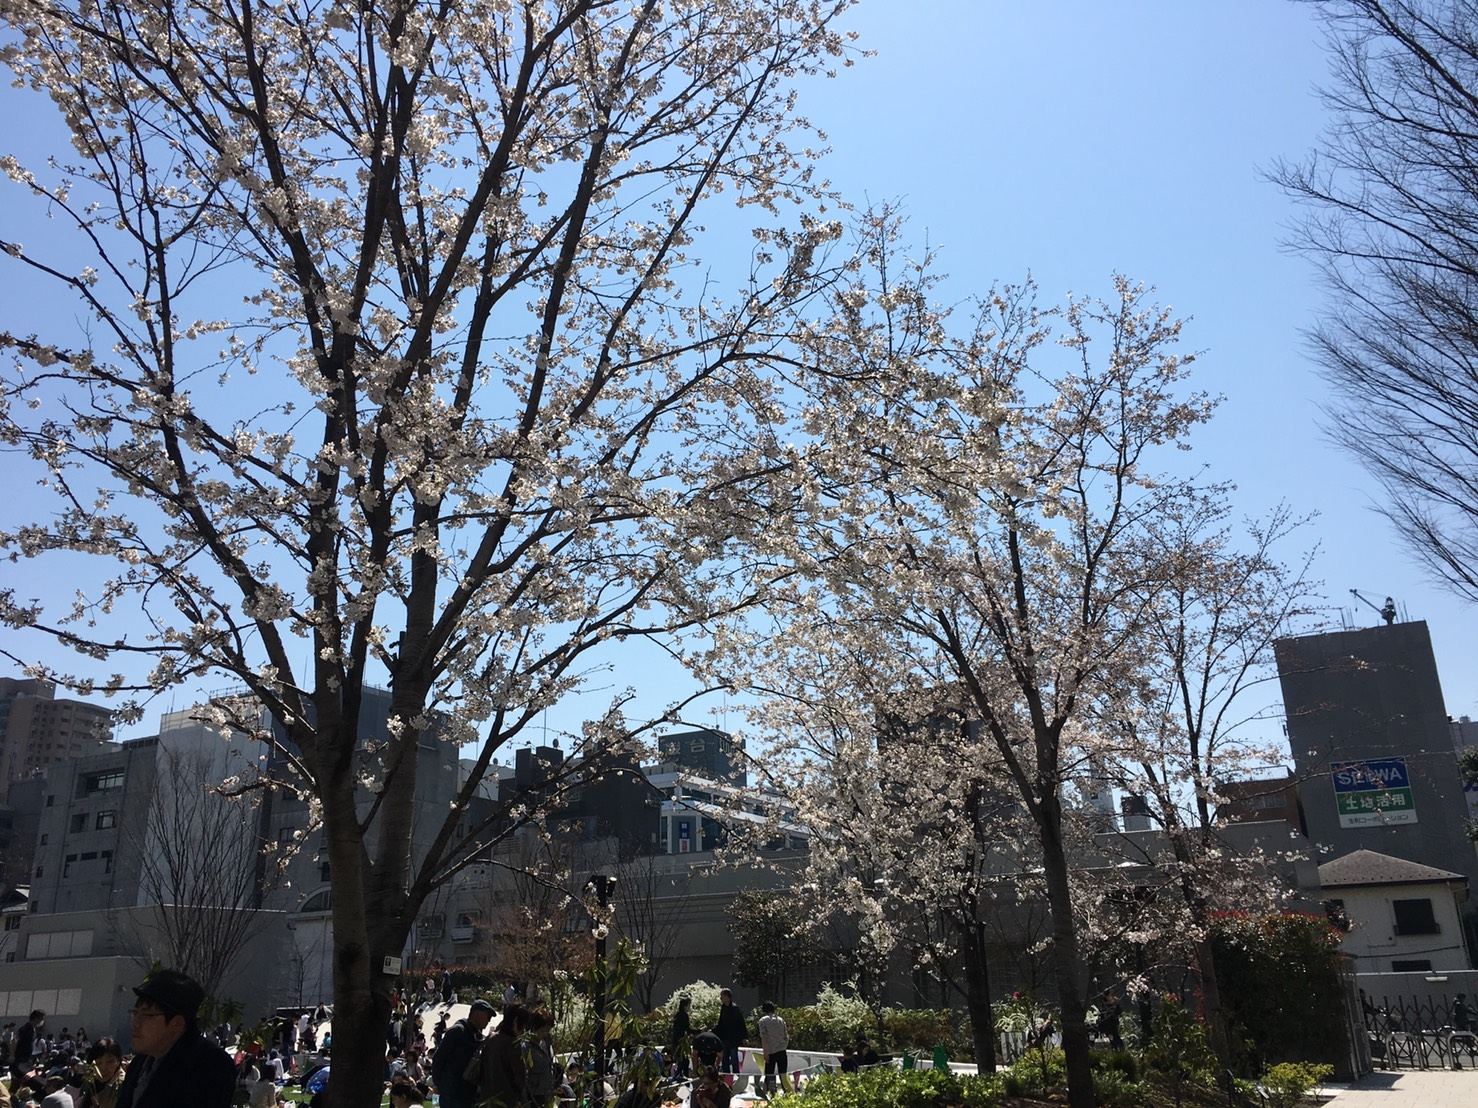 【池袋駅】春爛漫!公園まわって桜を見に行こう!池袋東口の満開公園お花見散歩コース。の南池袋公園3